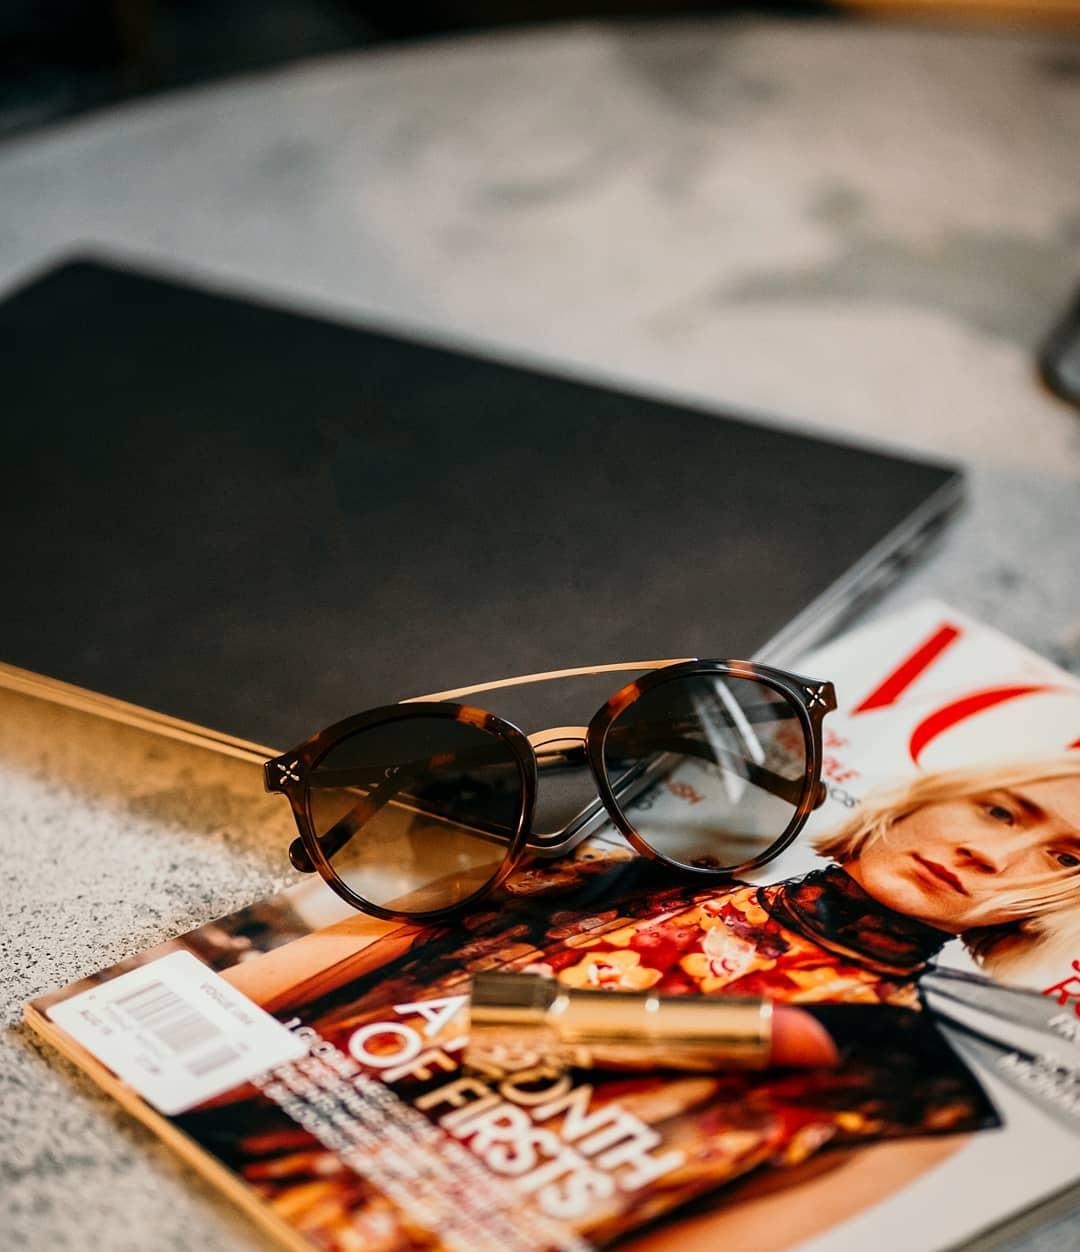 Hledáte sluneční brýle, kterými podtrhenete svou ženskost?  #LiuJo ve svých modelech odráží přirozenost a sebevědomí moderní ženy  . . . . #slunecnibryle #sunglasses #vasecocky #dnesnosim